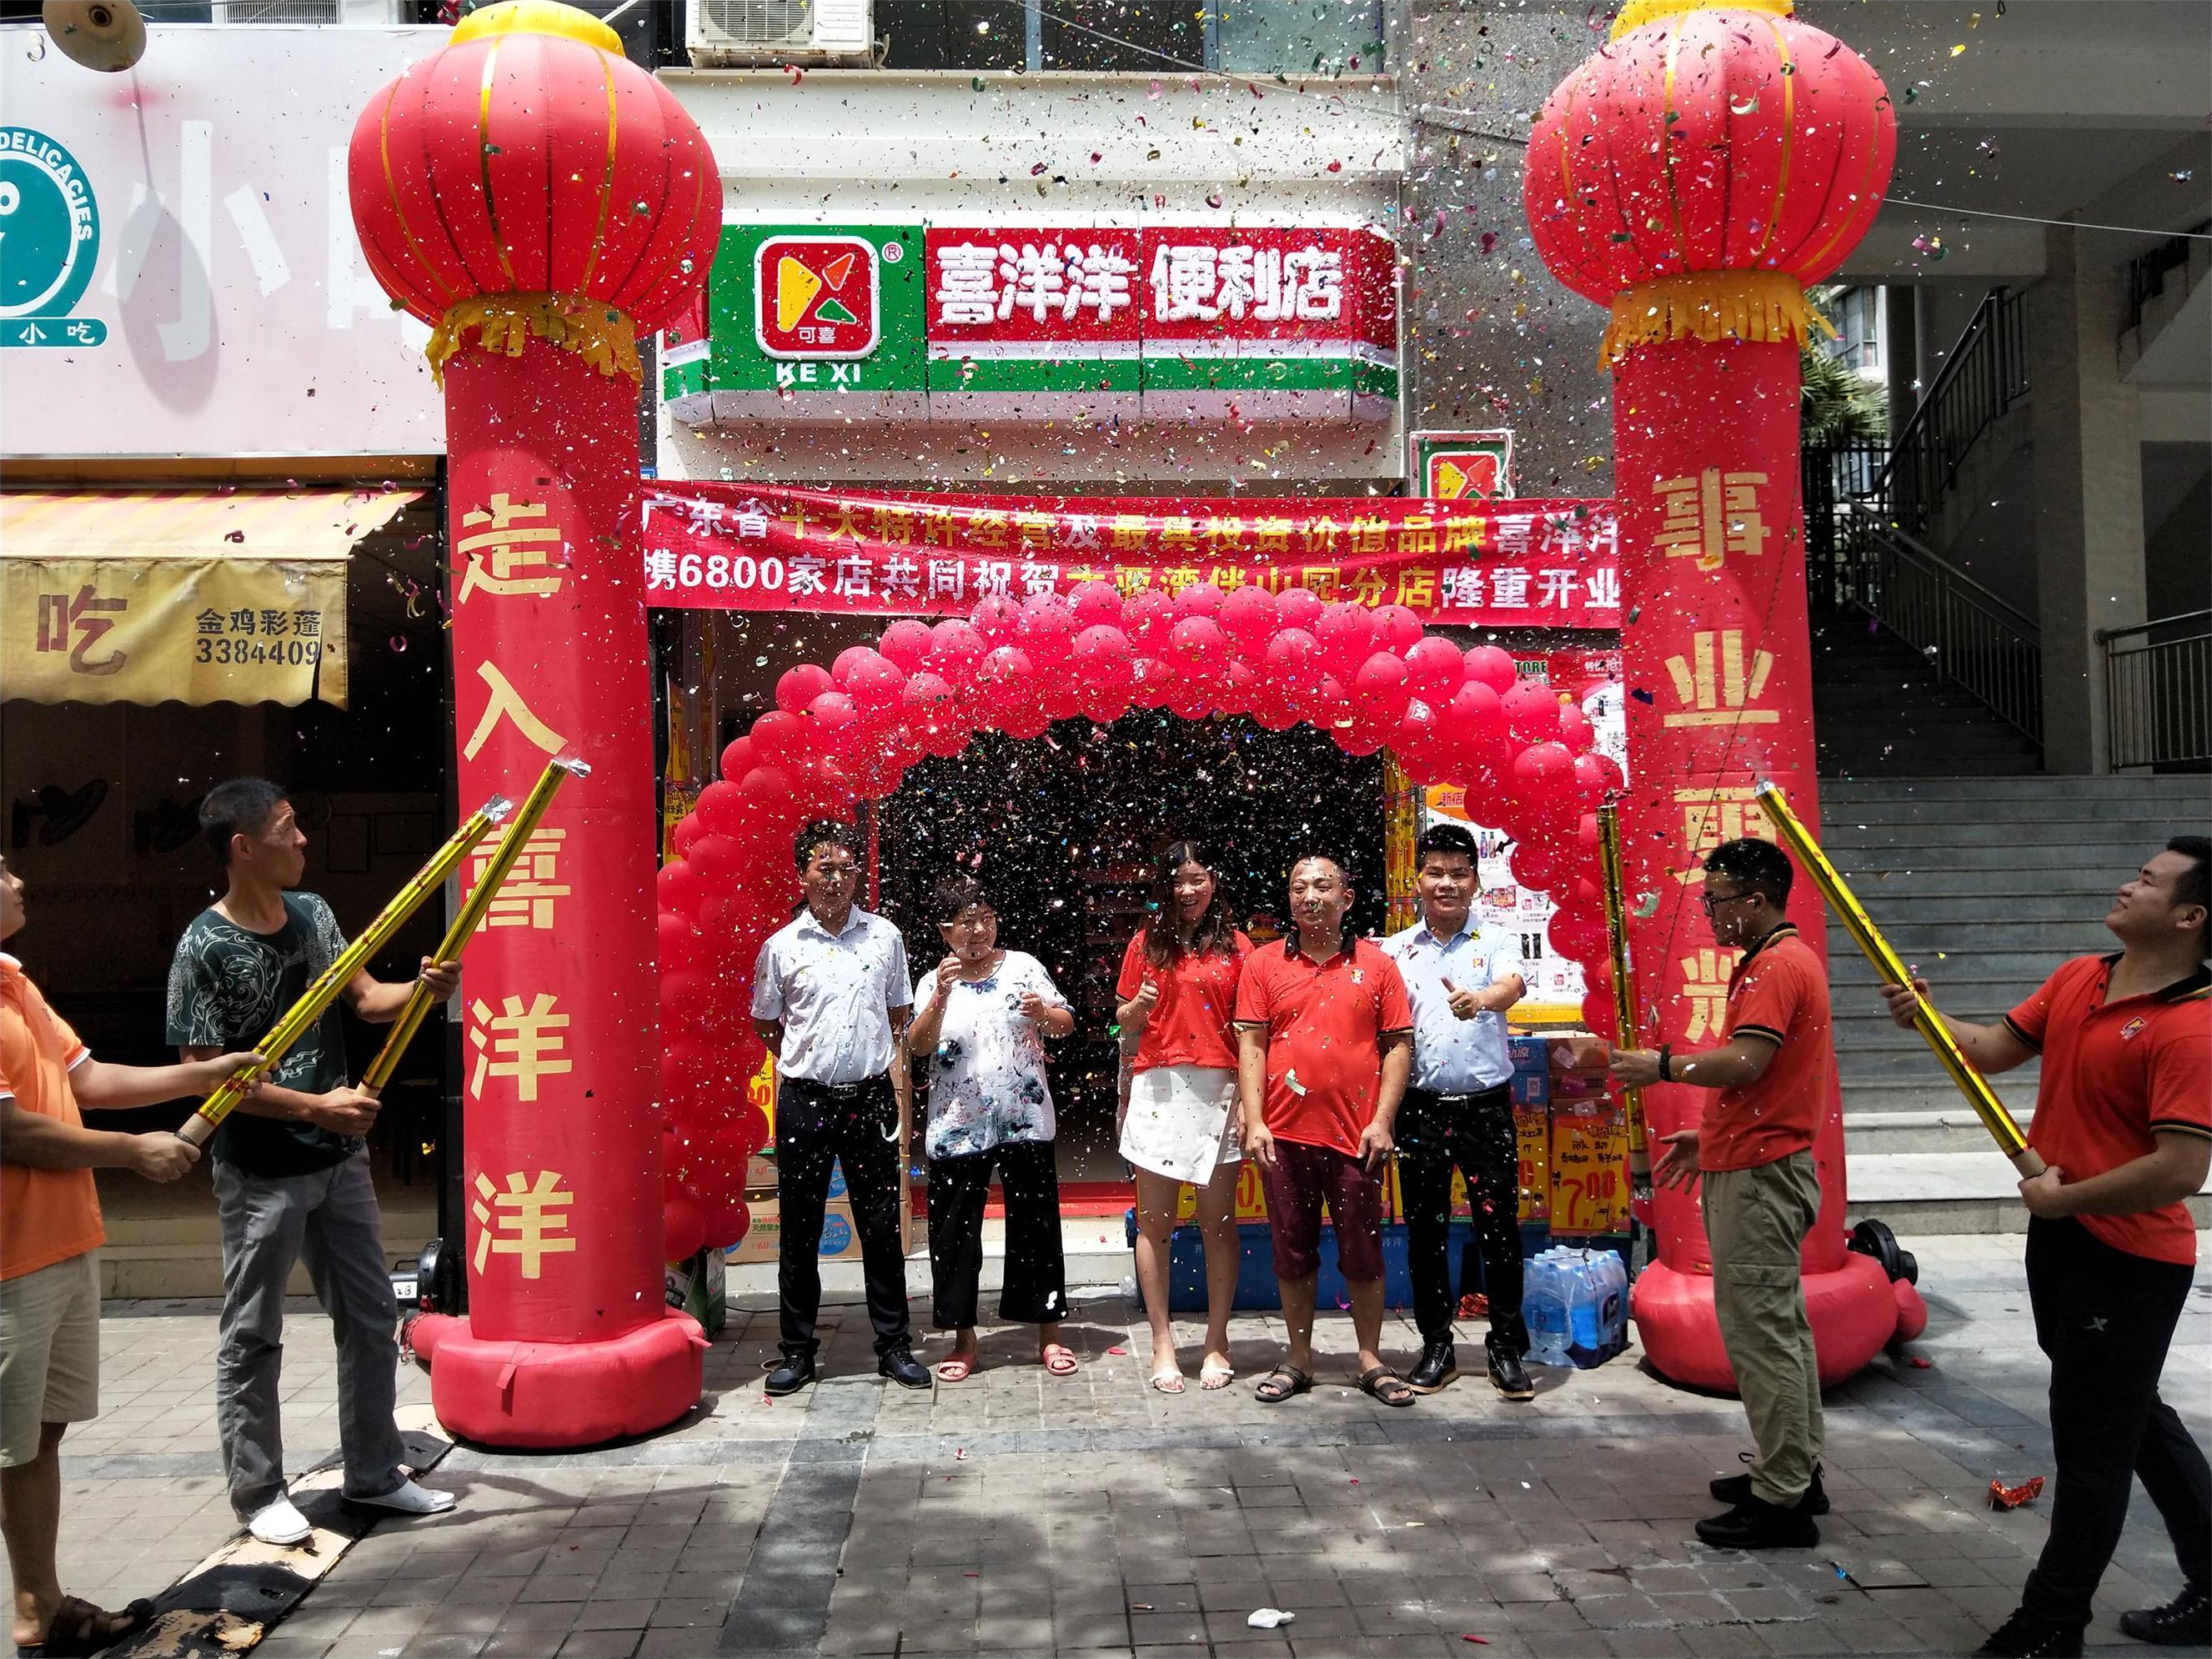 热烈祝贺喜洋洋8月18日迎来新店开业:大亚湾伴山园分店